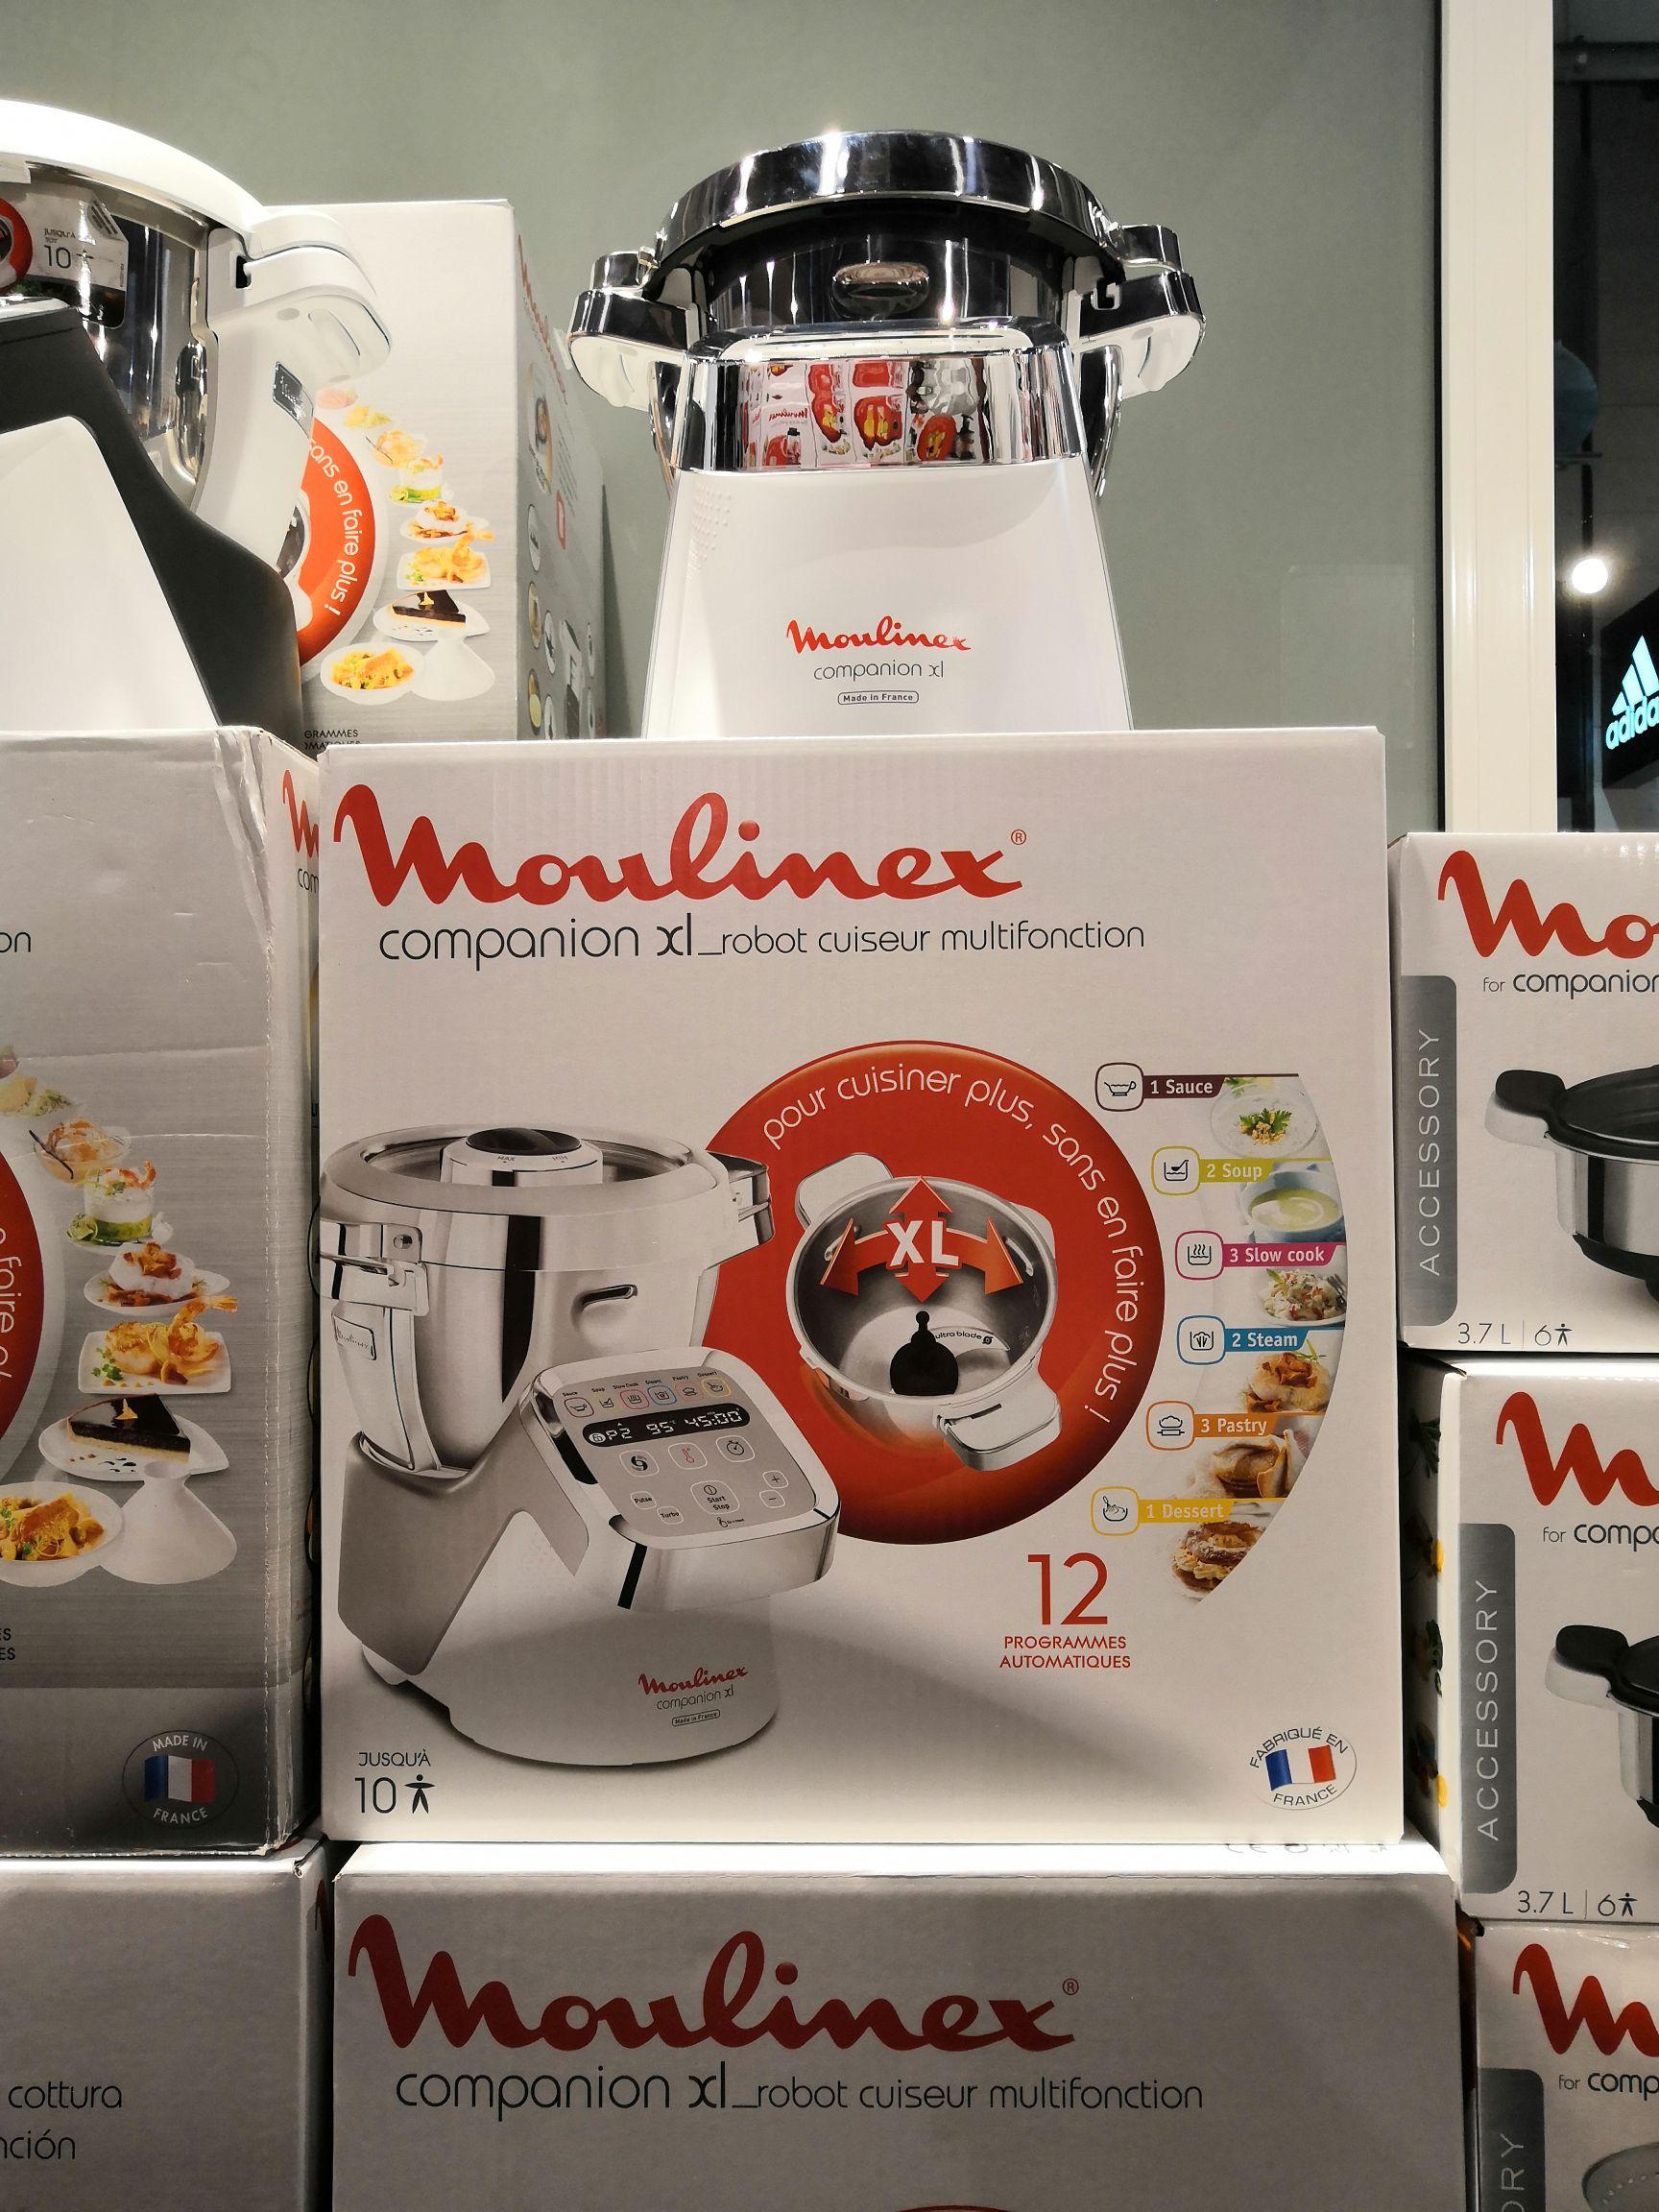 Robot cuiseur Moulinex Companion XL - 1550W - Quai des Marques Franconville (95)